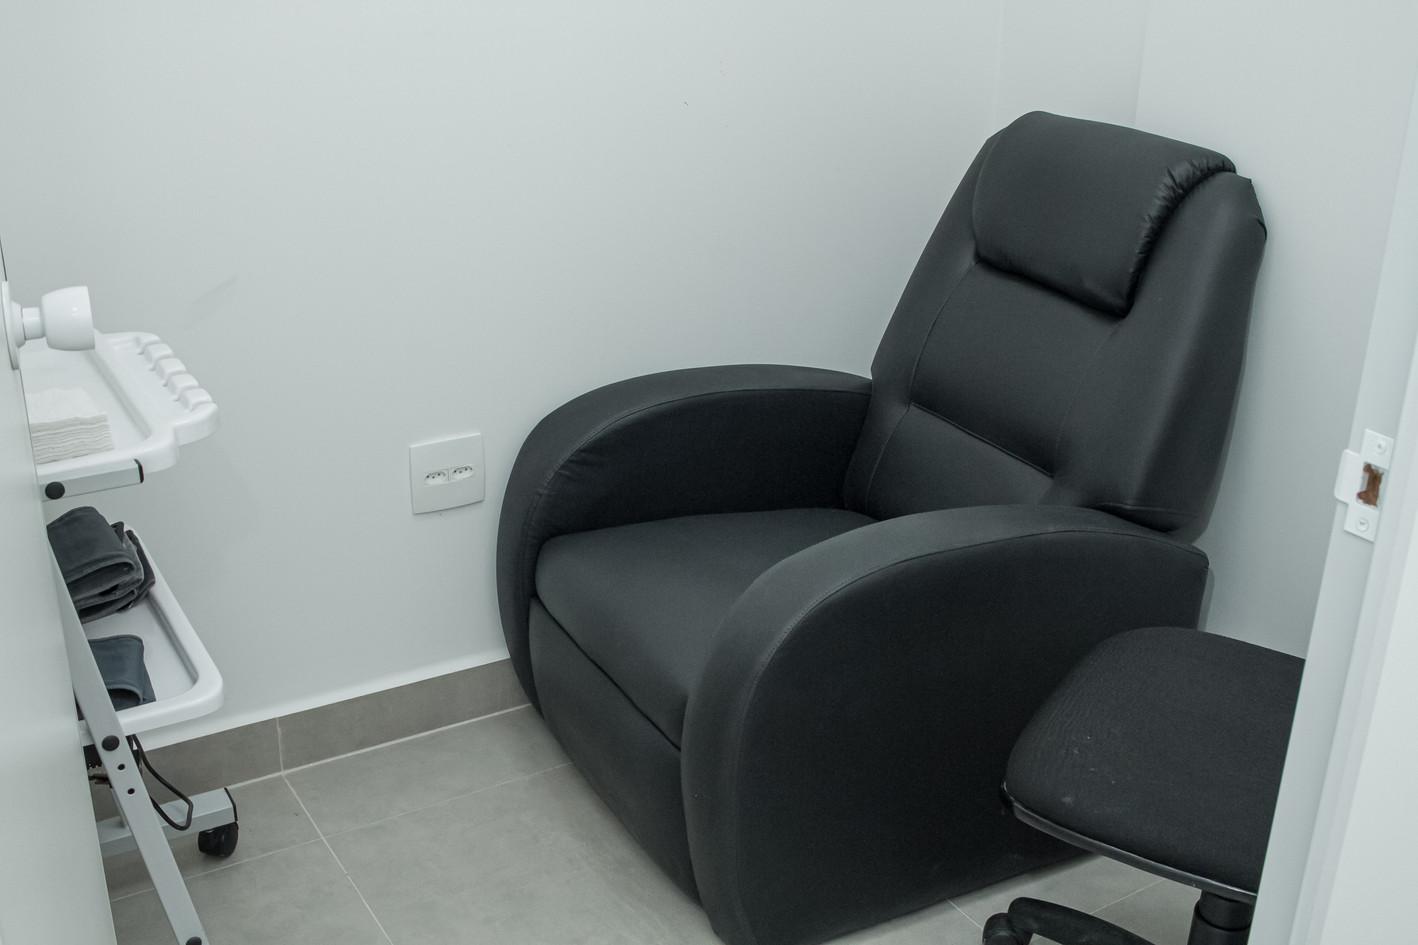 0095-CentroCor-Clinica-15052019-foto-sil